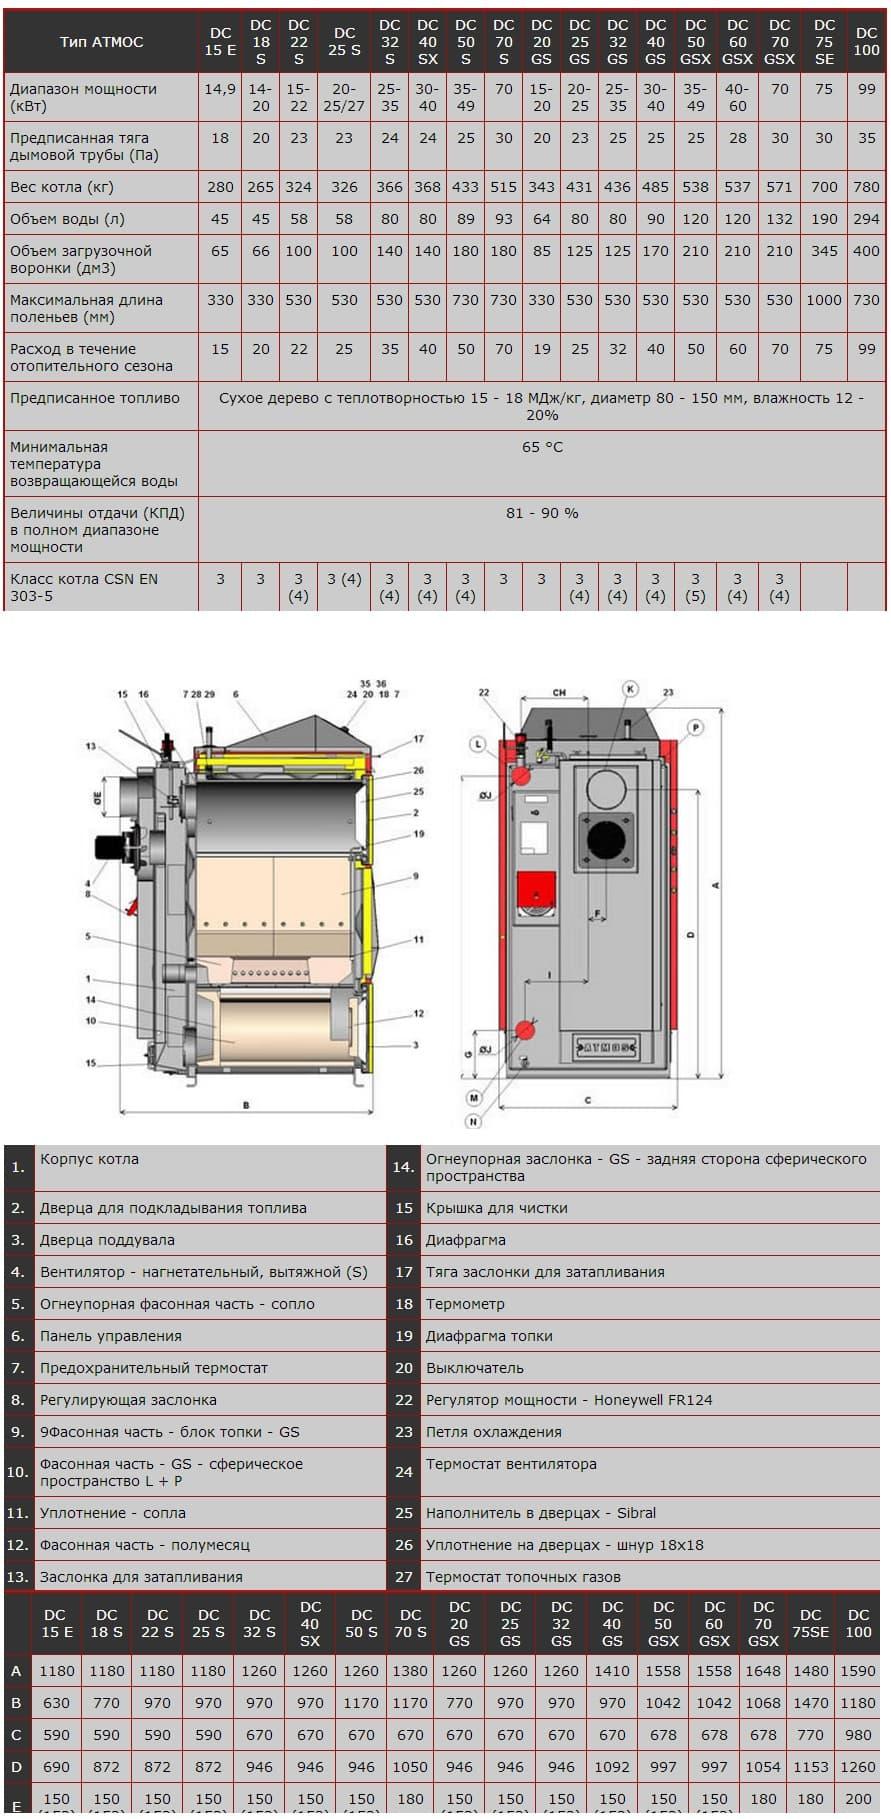 картинка - технические характеристики: Котел твердотопливный Atmos DC 40 SX